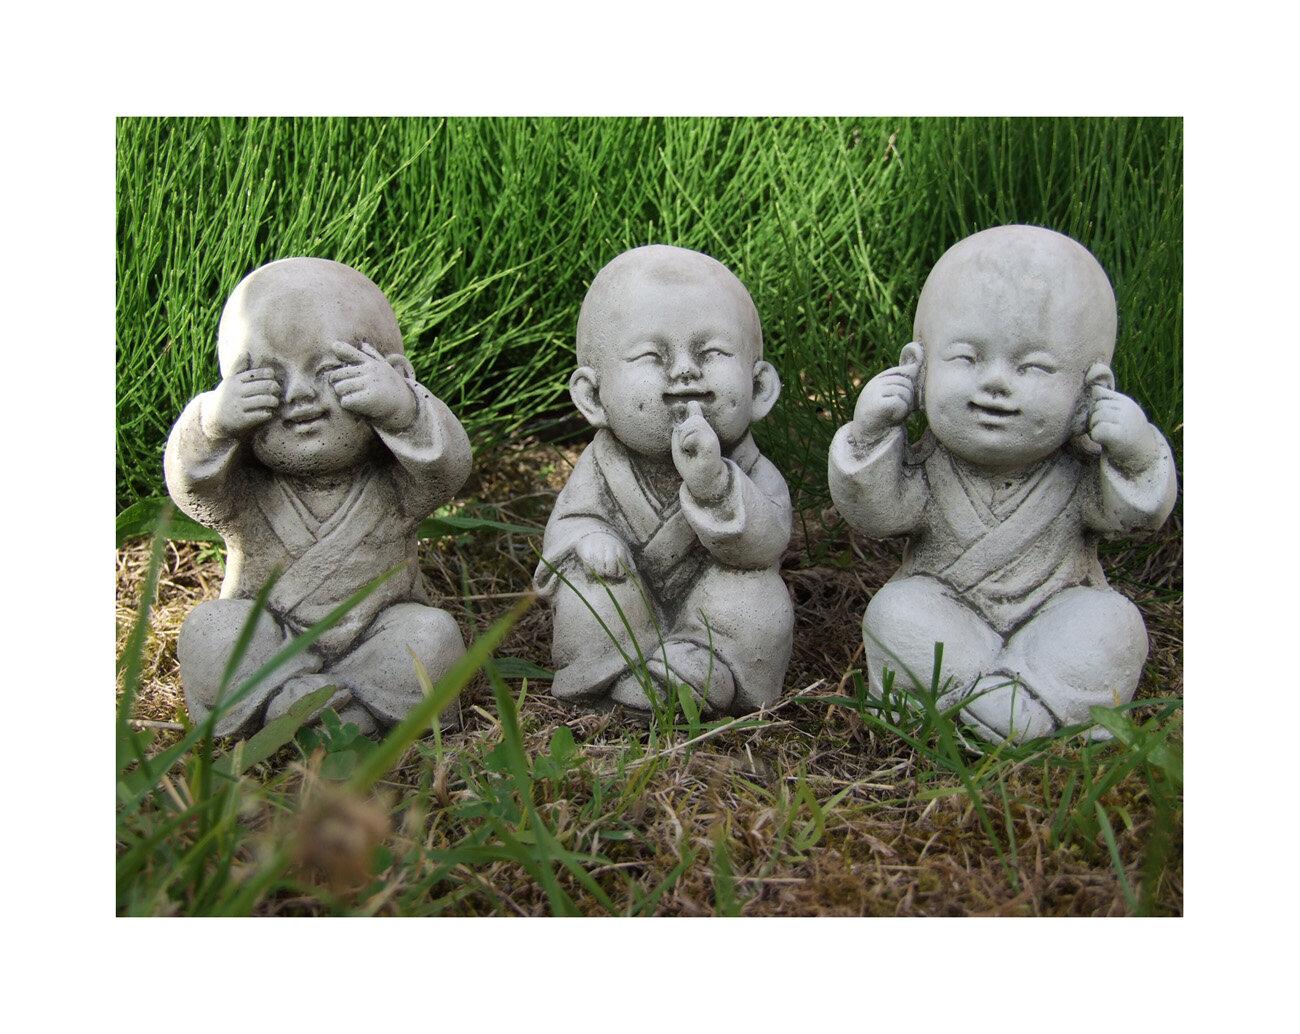 Beau Garden Ornaments By Onefold 3 Piece Wise Monks Buddha Garden Statue Set U0026  Reviews | Wayfair.co.uk